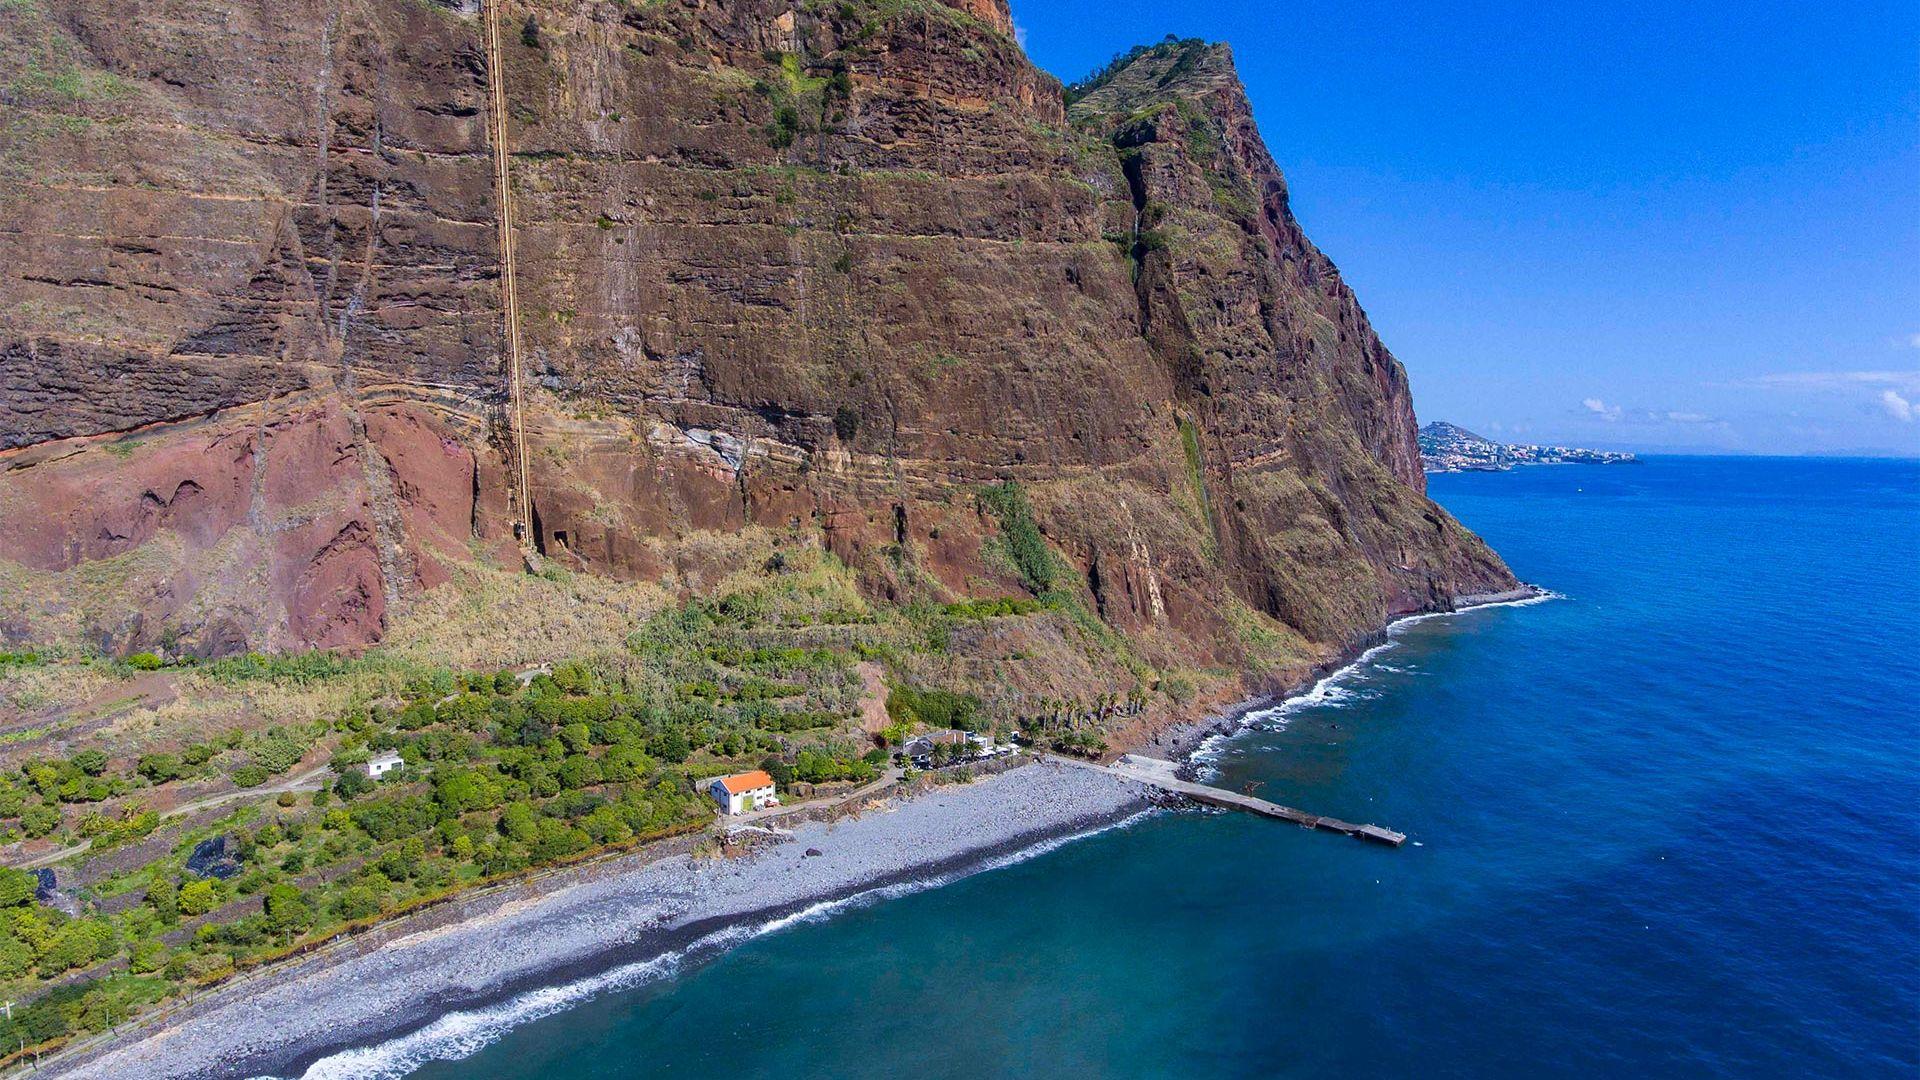 Sejur Charter Madeira, 8 zile - noiembrie 2021